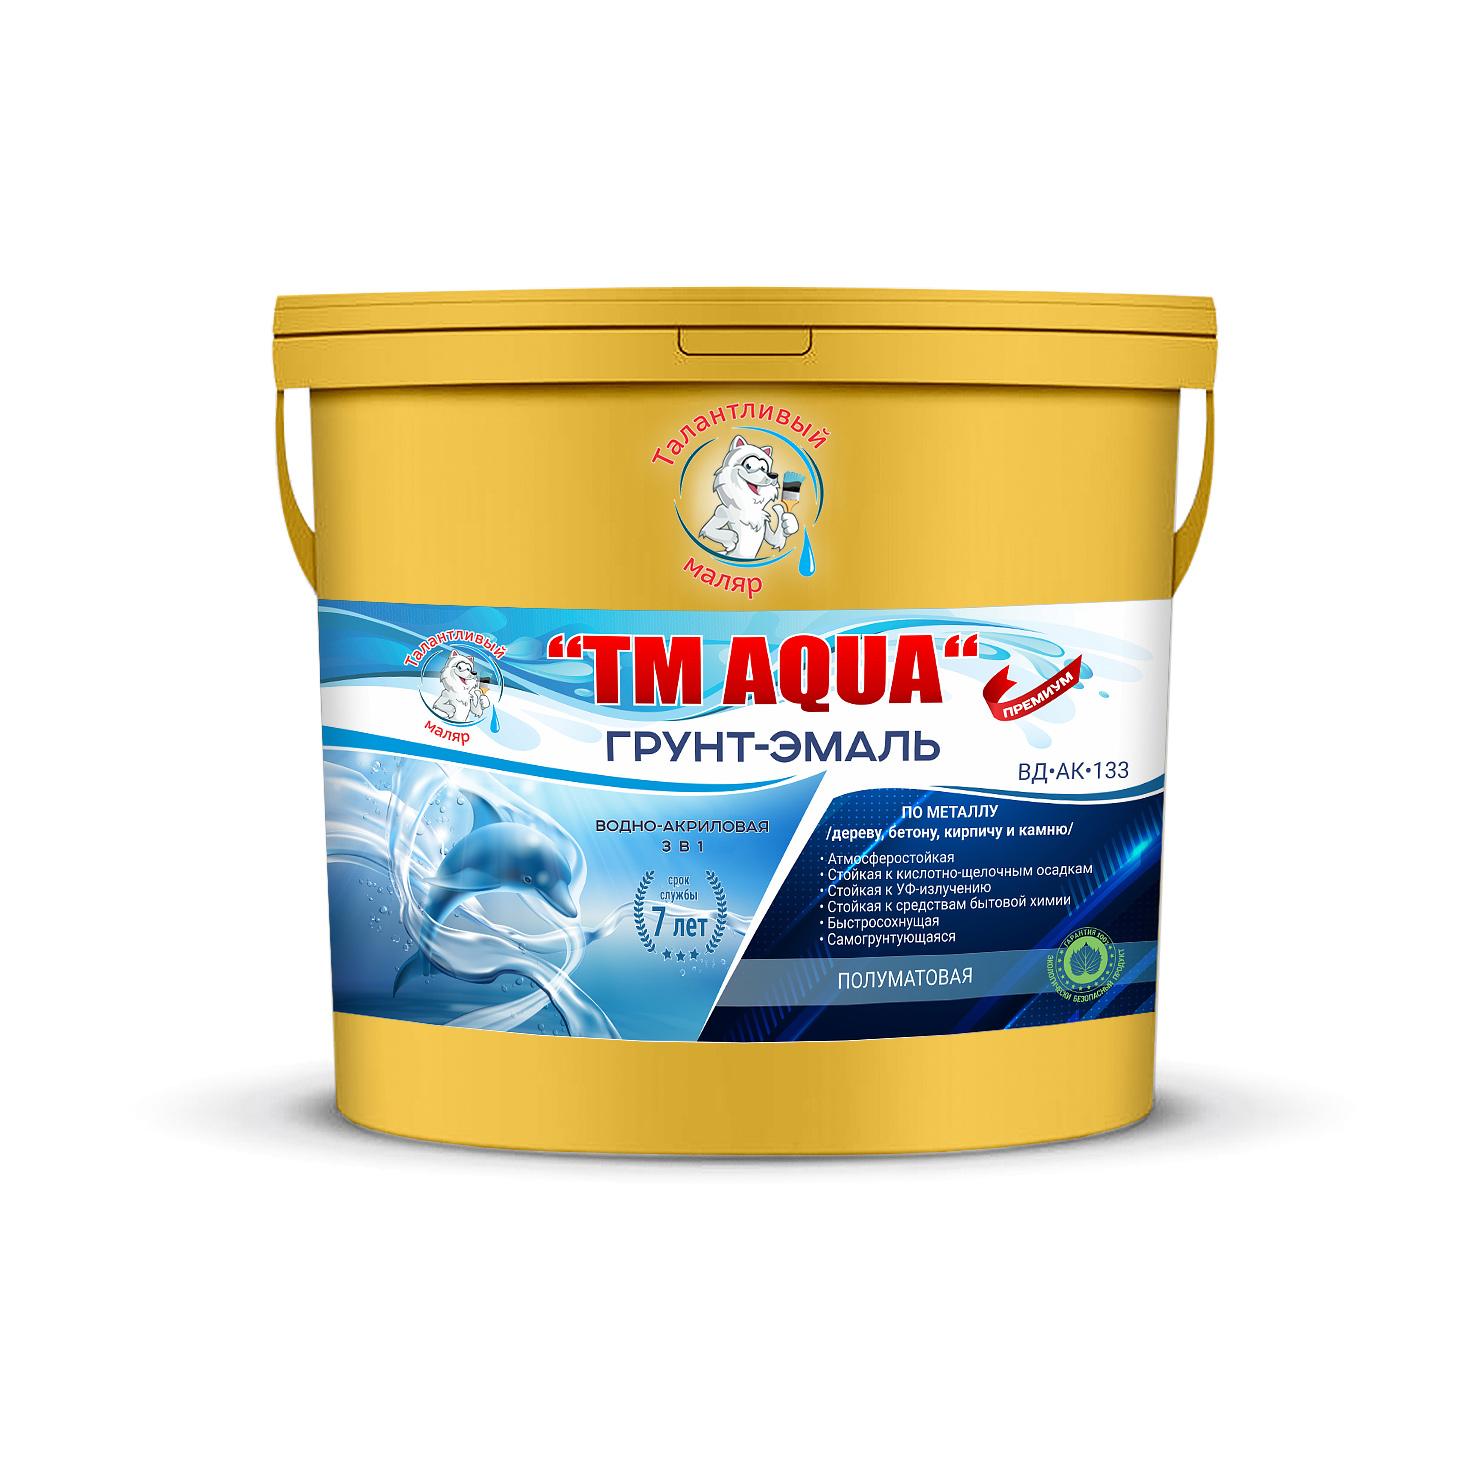 Фото 9 - Грунт-Эмаль 'TM-AQUA' RAL 1004 - Золотисто-желтый, 3в1 по ржавчине, водно-акриловая, полуматовая, 10кг 'Талантливый Маляр'.